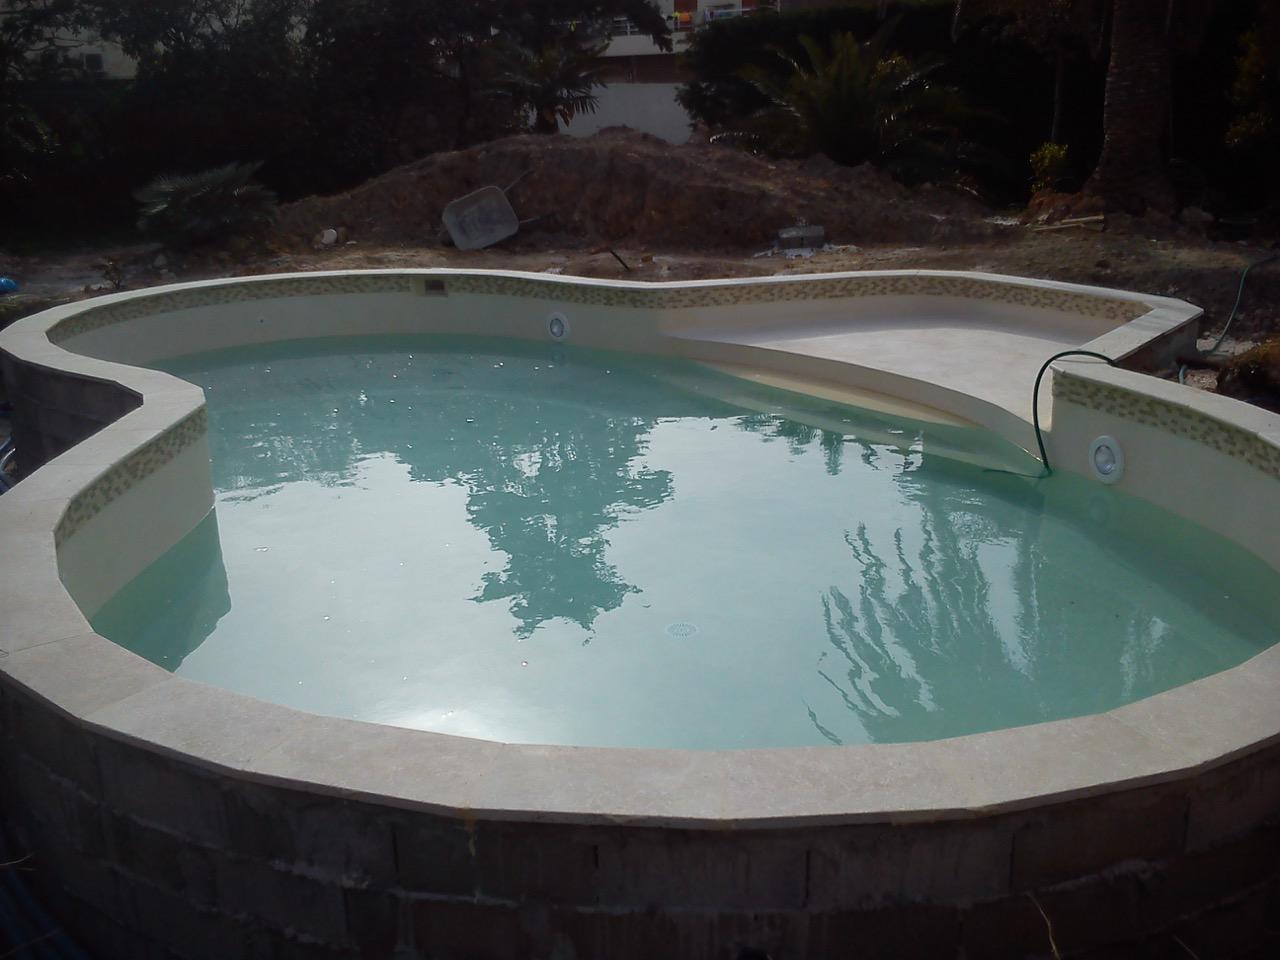 Piscine marseille pointe rouge for Bonneveine piscine